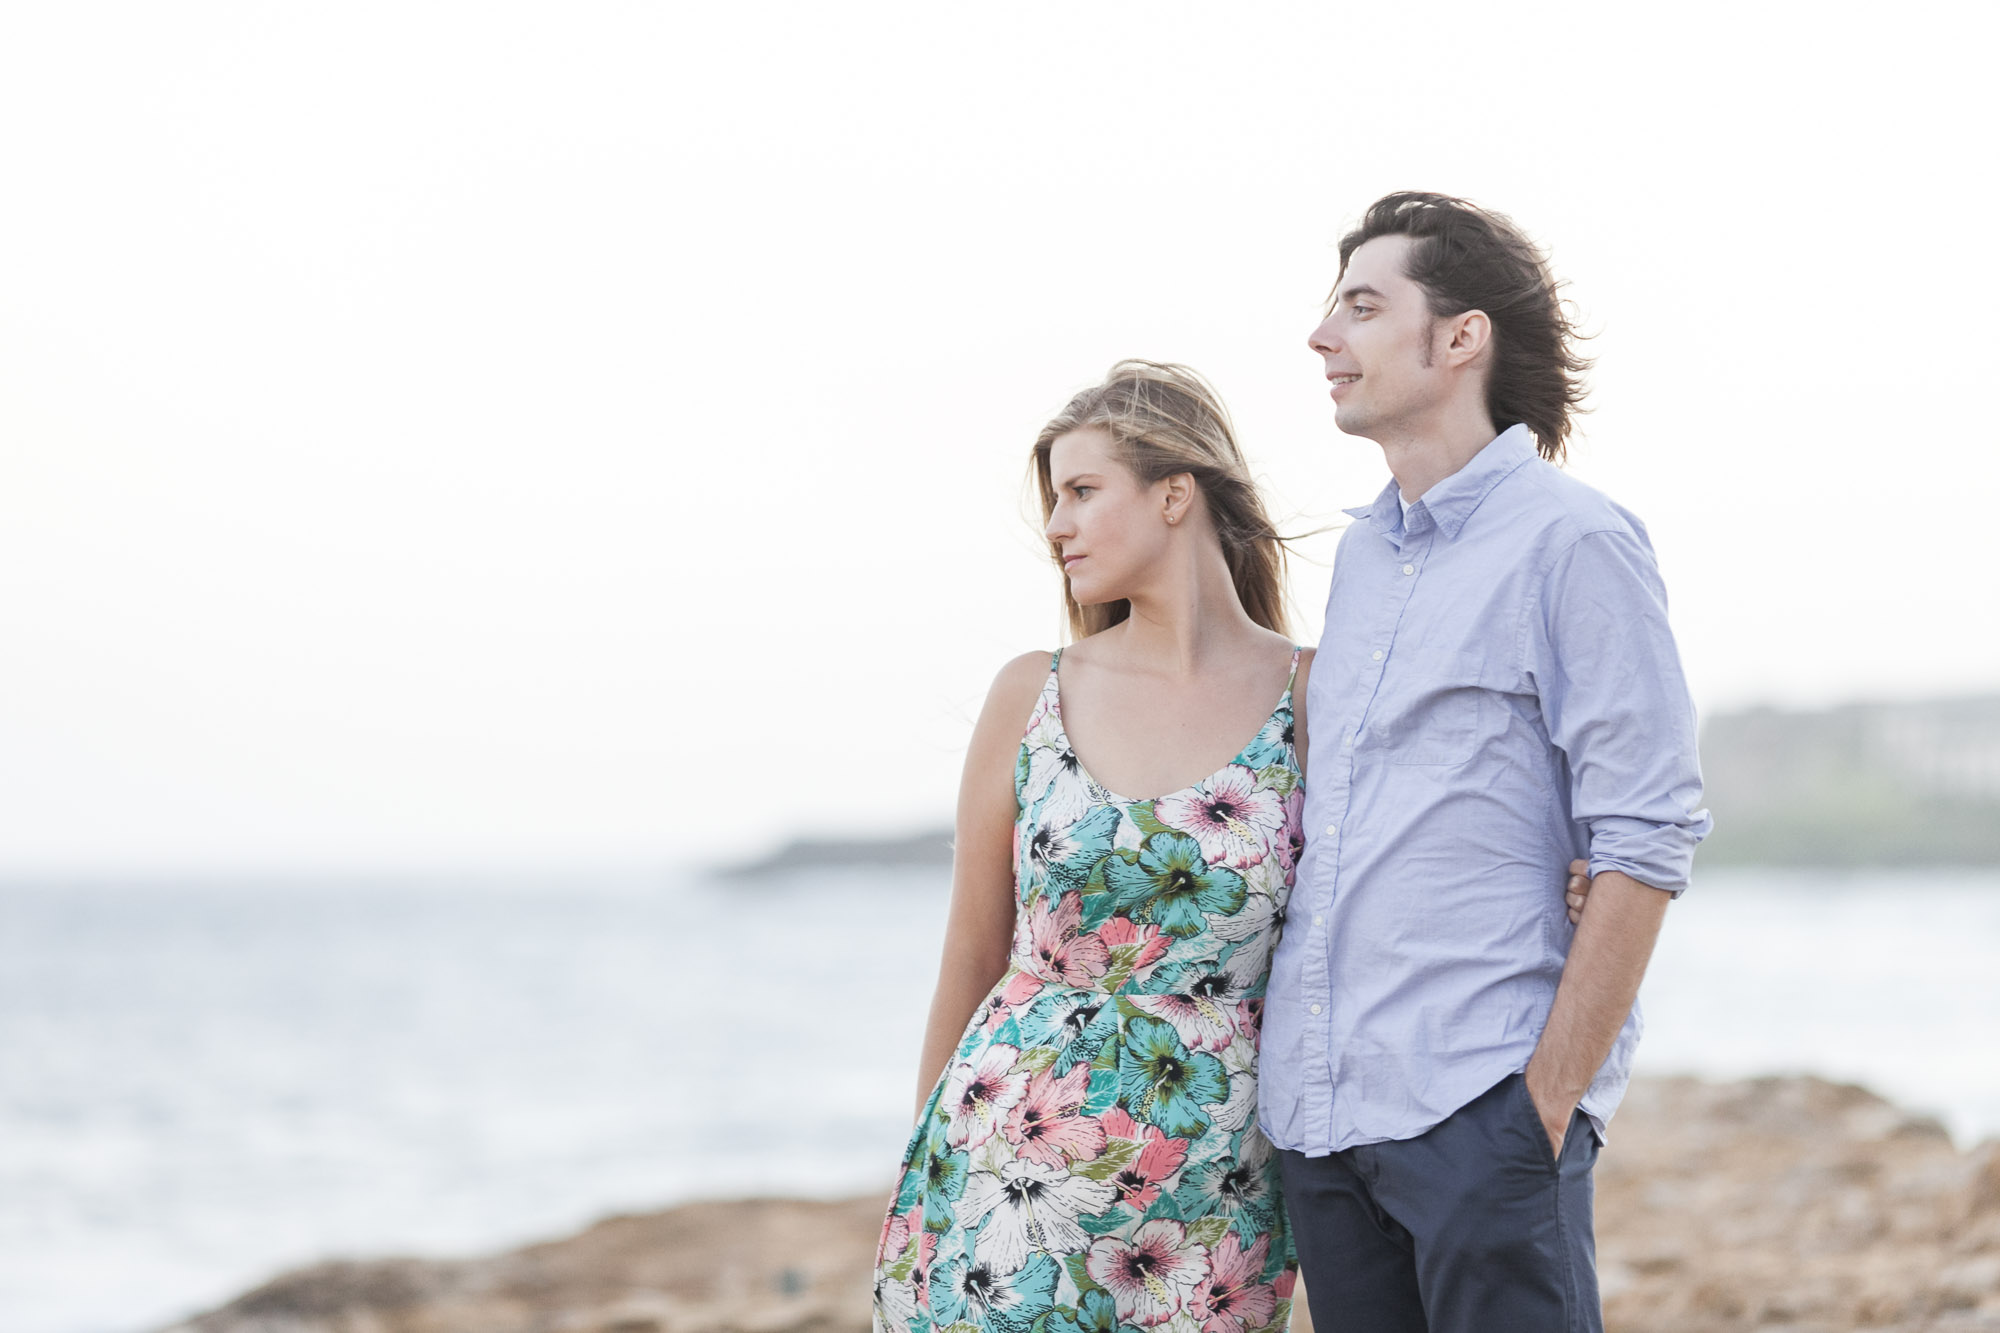 025_Epic_Cliff_Kauai_Beach_Engagement.jpg